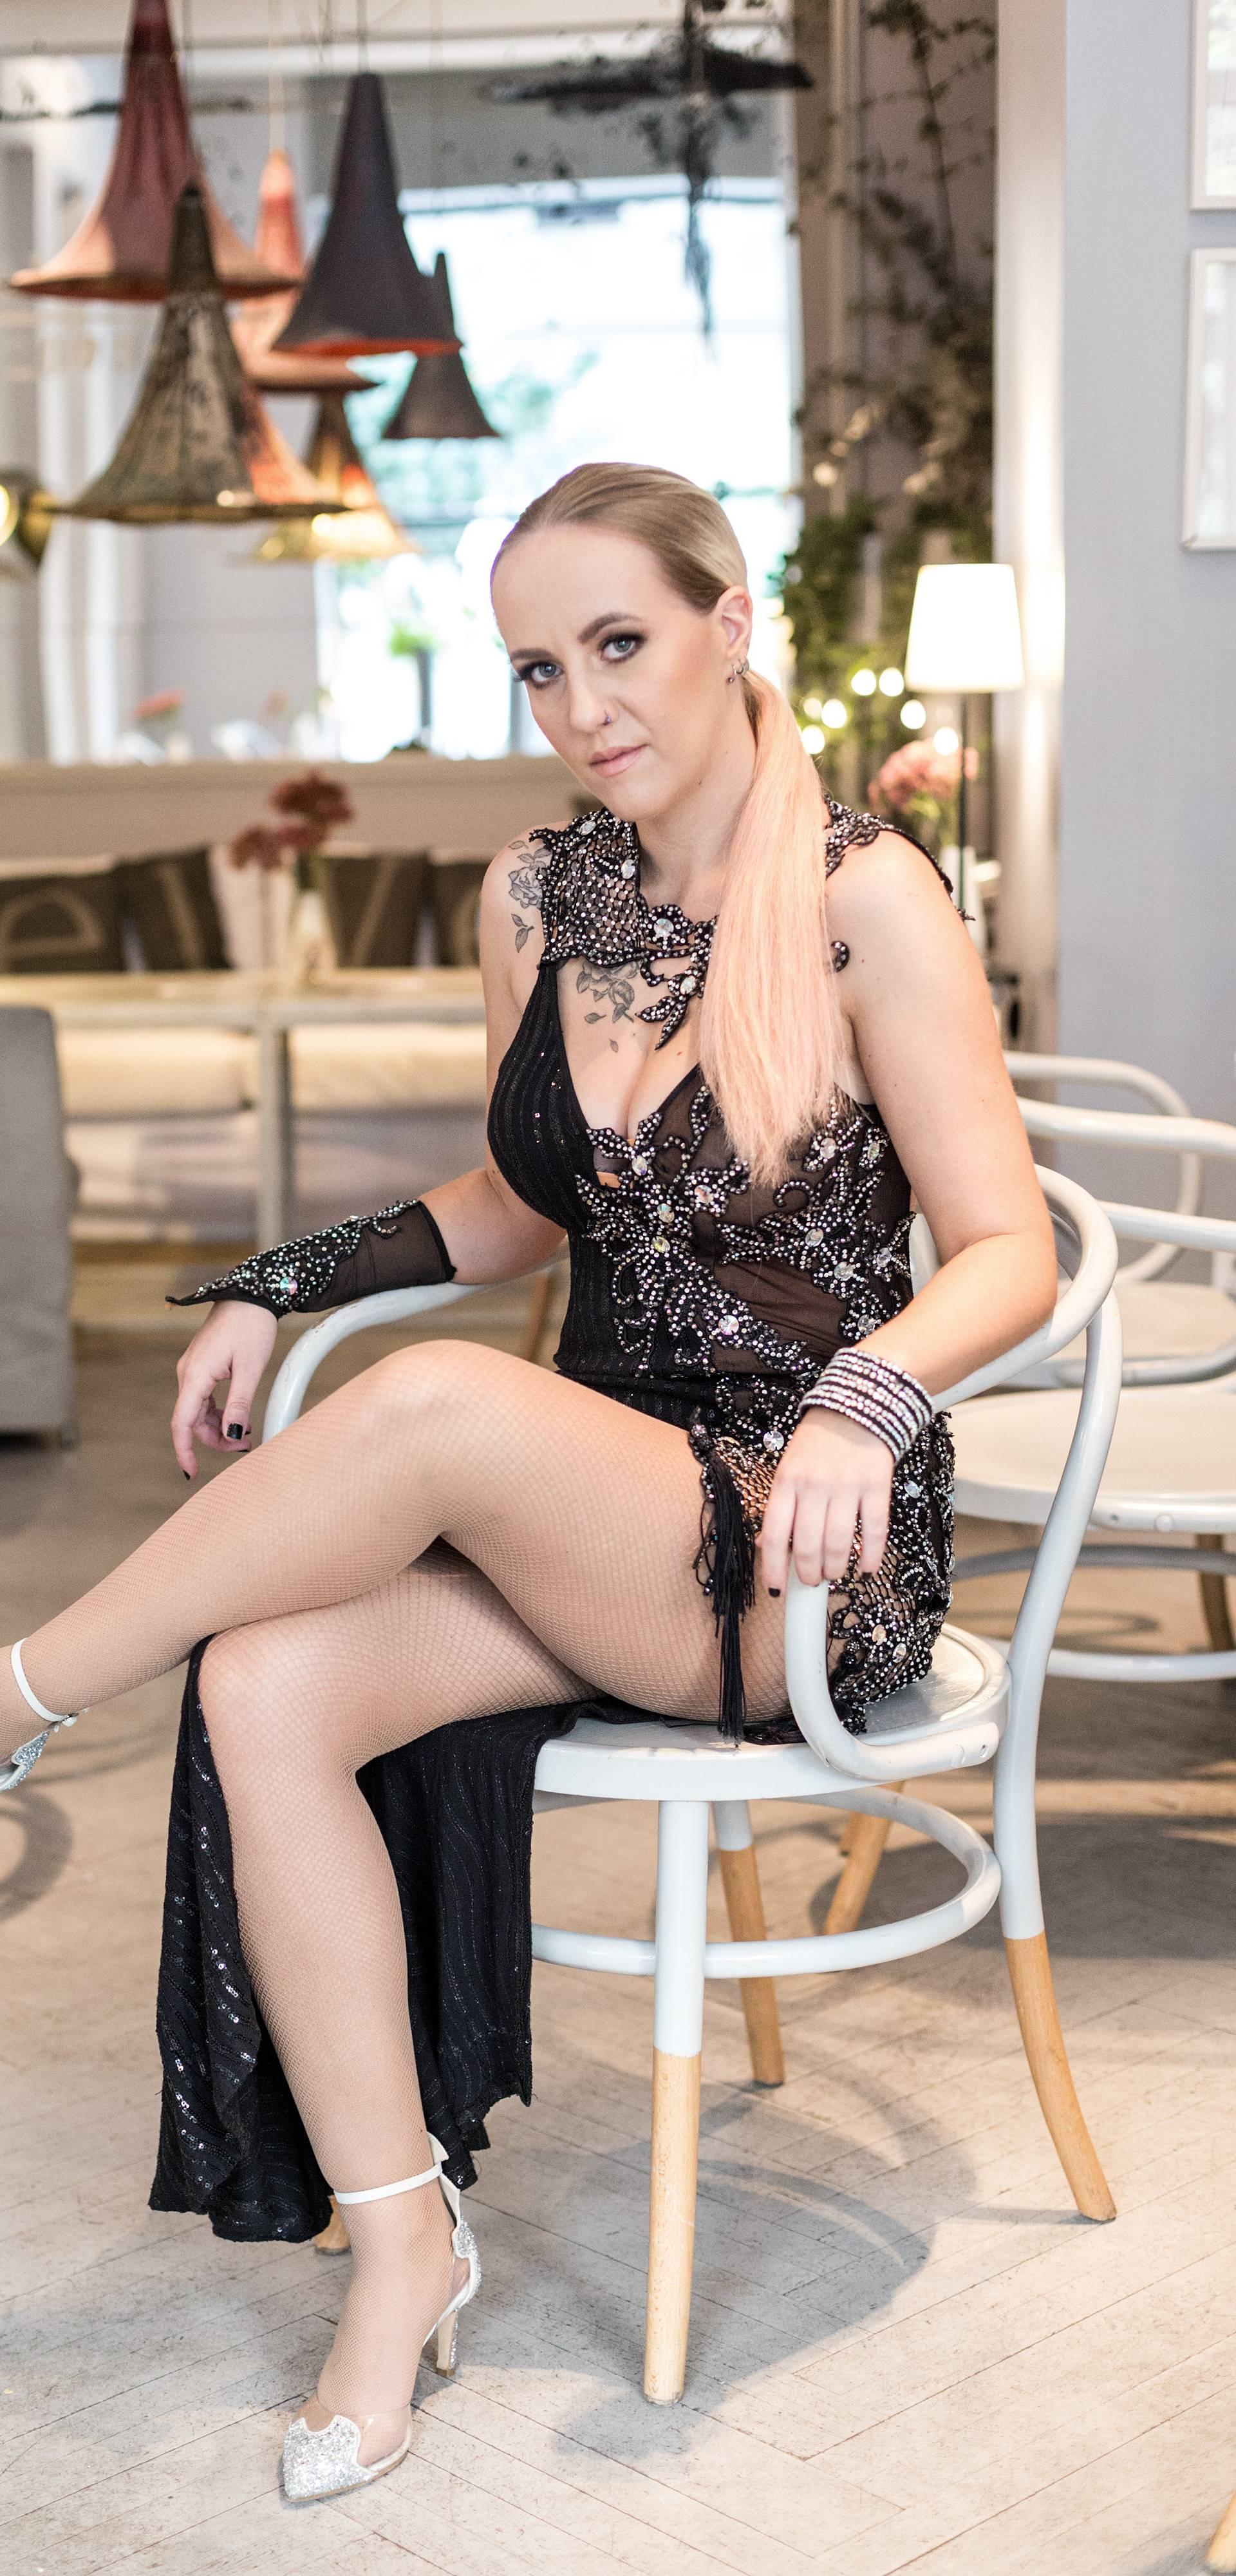 'Potpuno nova' Nina Kraljić: Bivši ljubavnik se ne zaboravlja